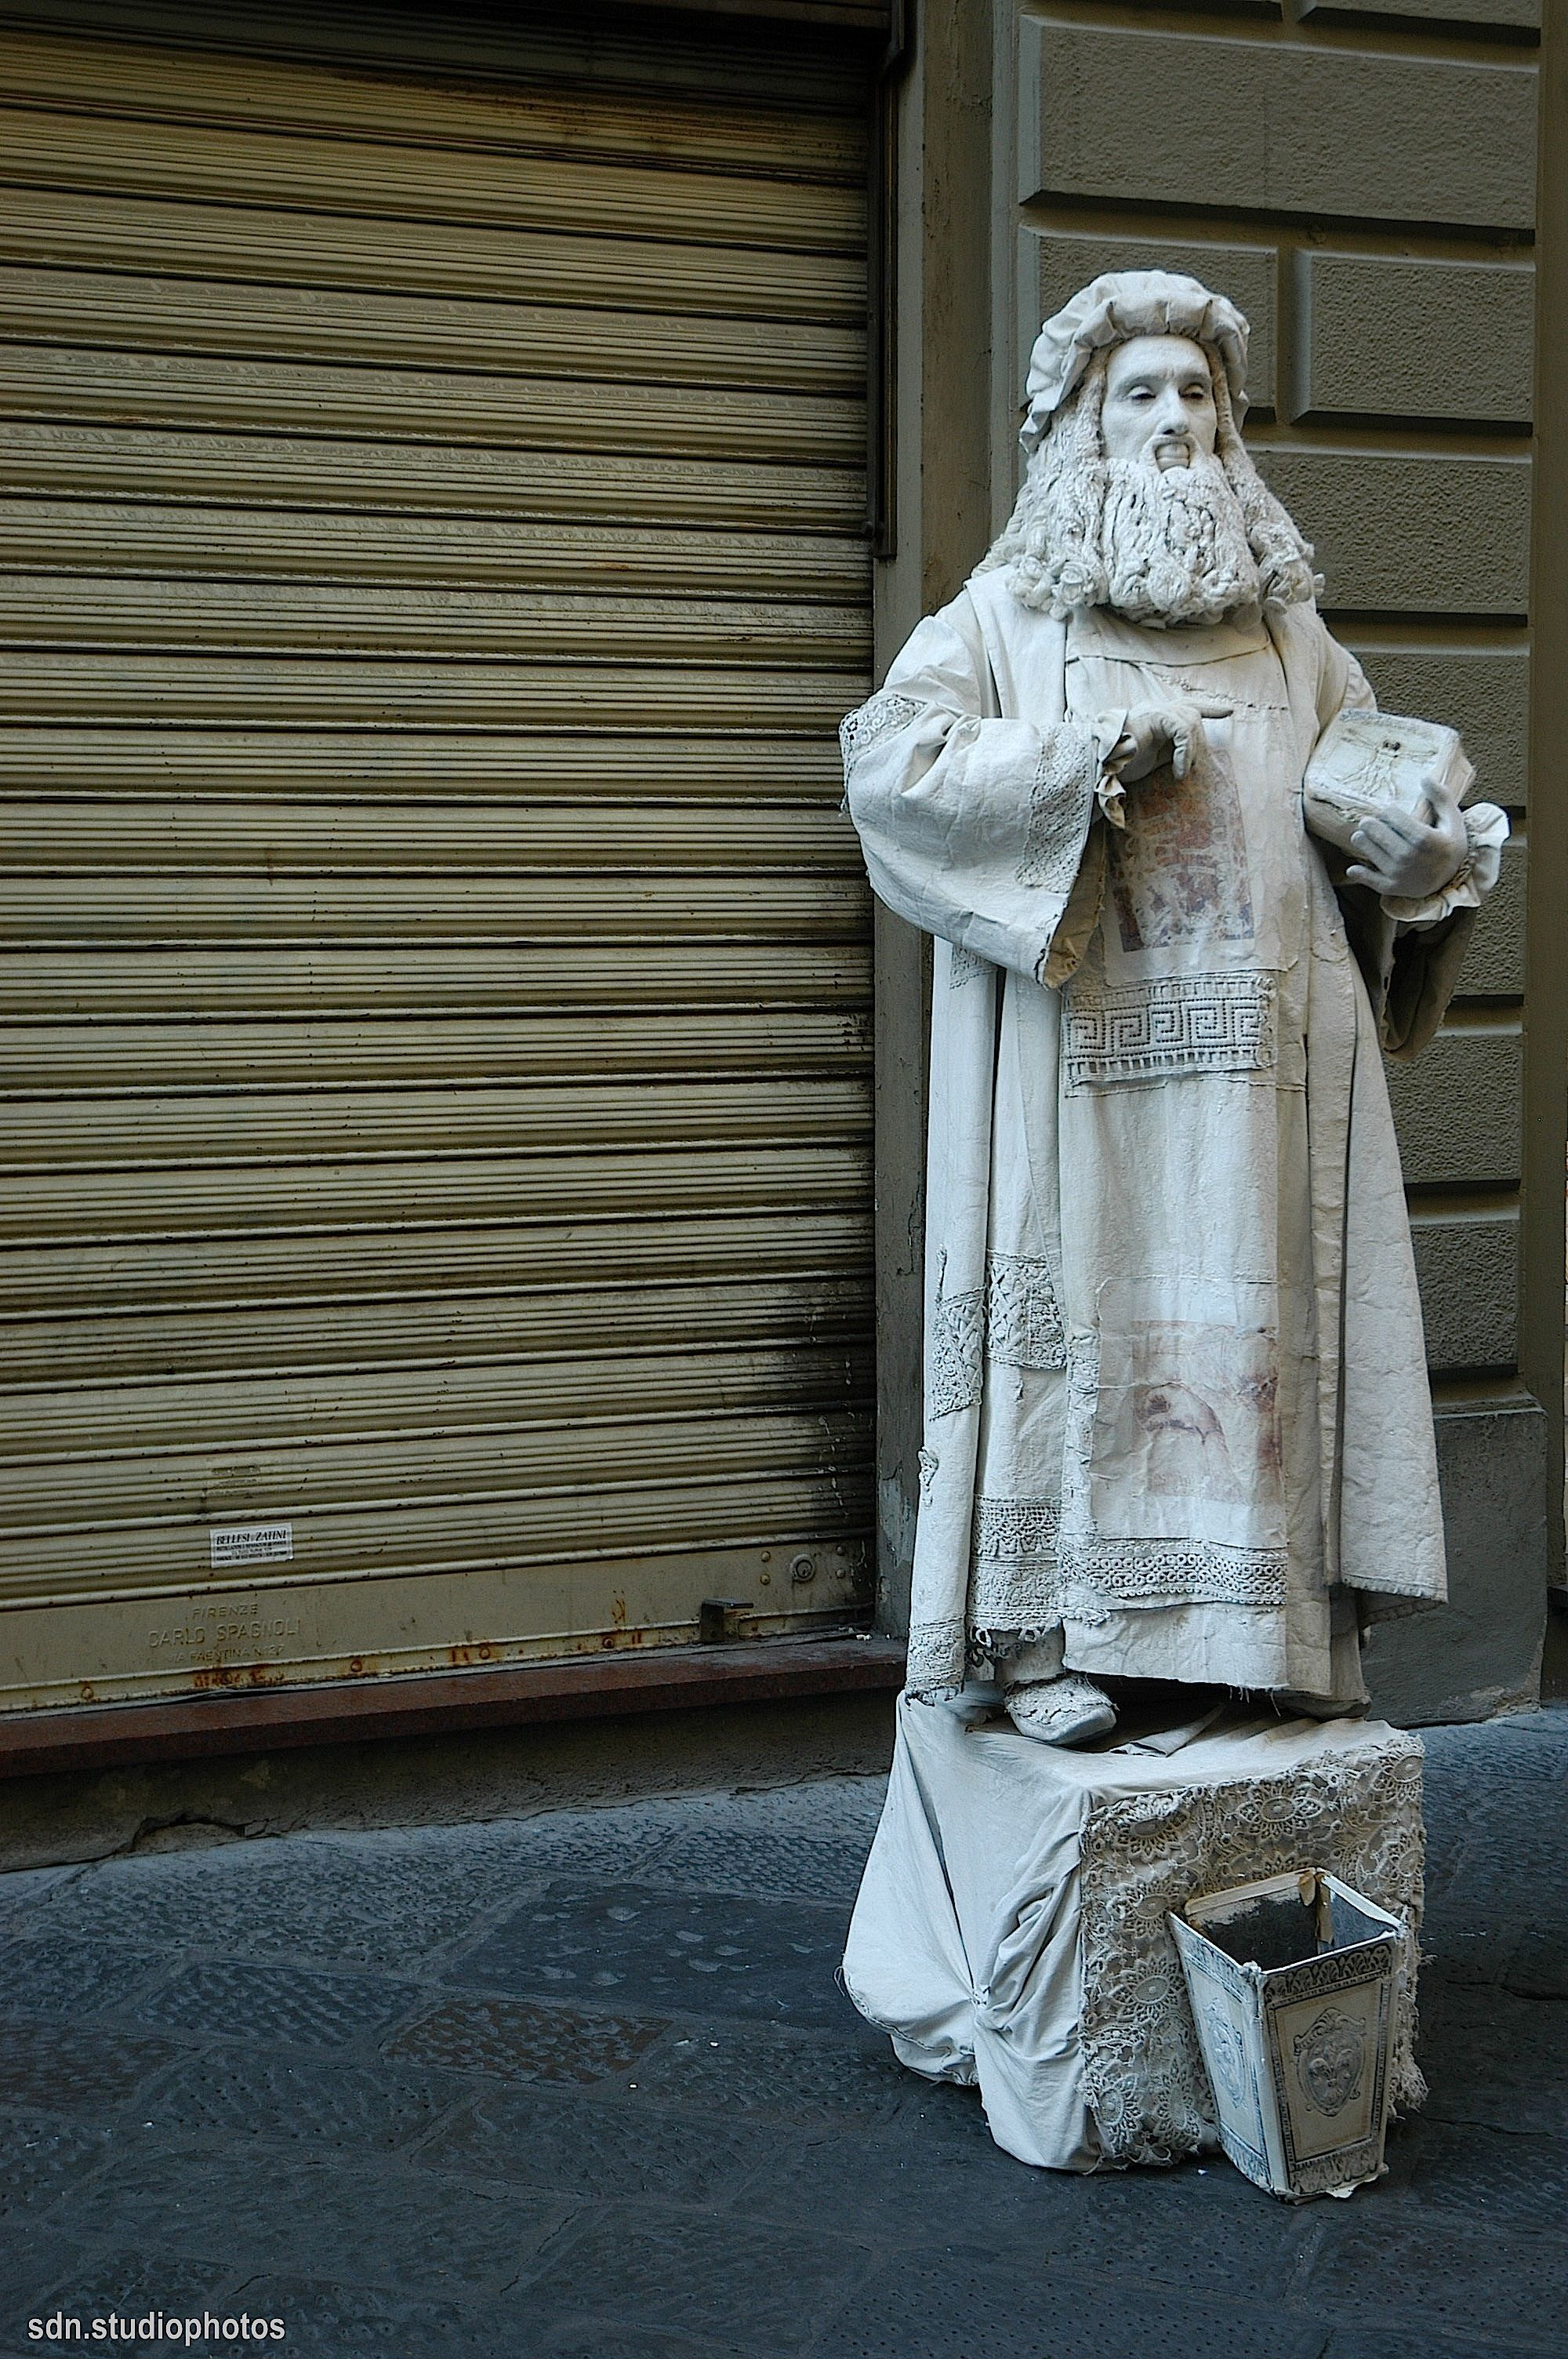 Statua vivente, Via de' Calzaiuoli, Firenze (Toscana, Italy) - by Silvana, settembre 2014